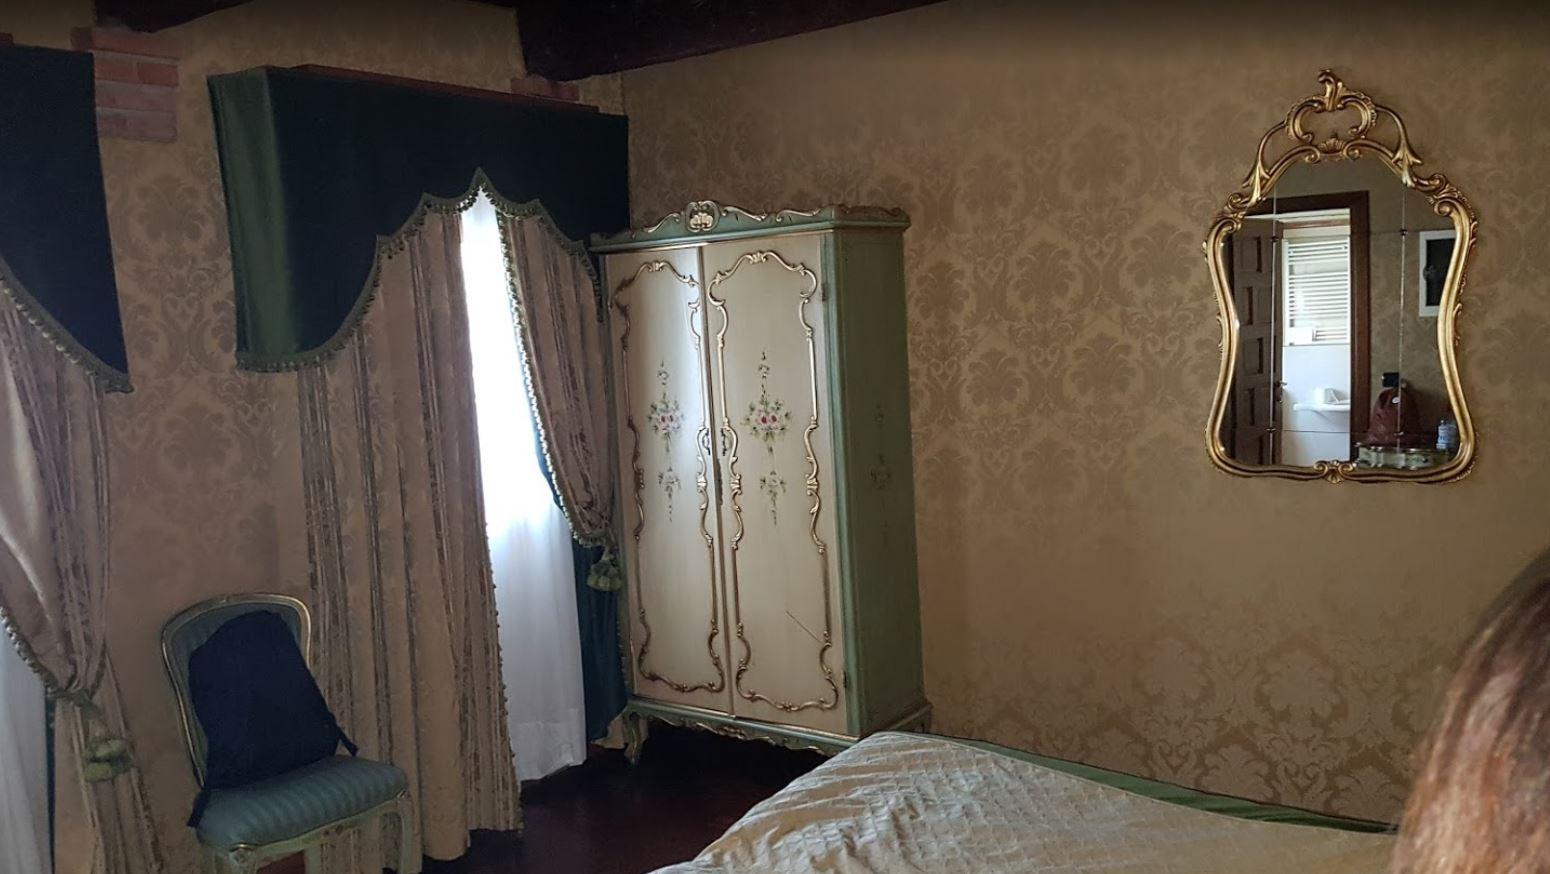 Hotel Belle Epoque en Venecia (Italia)